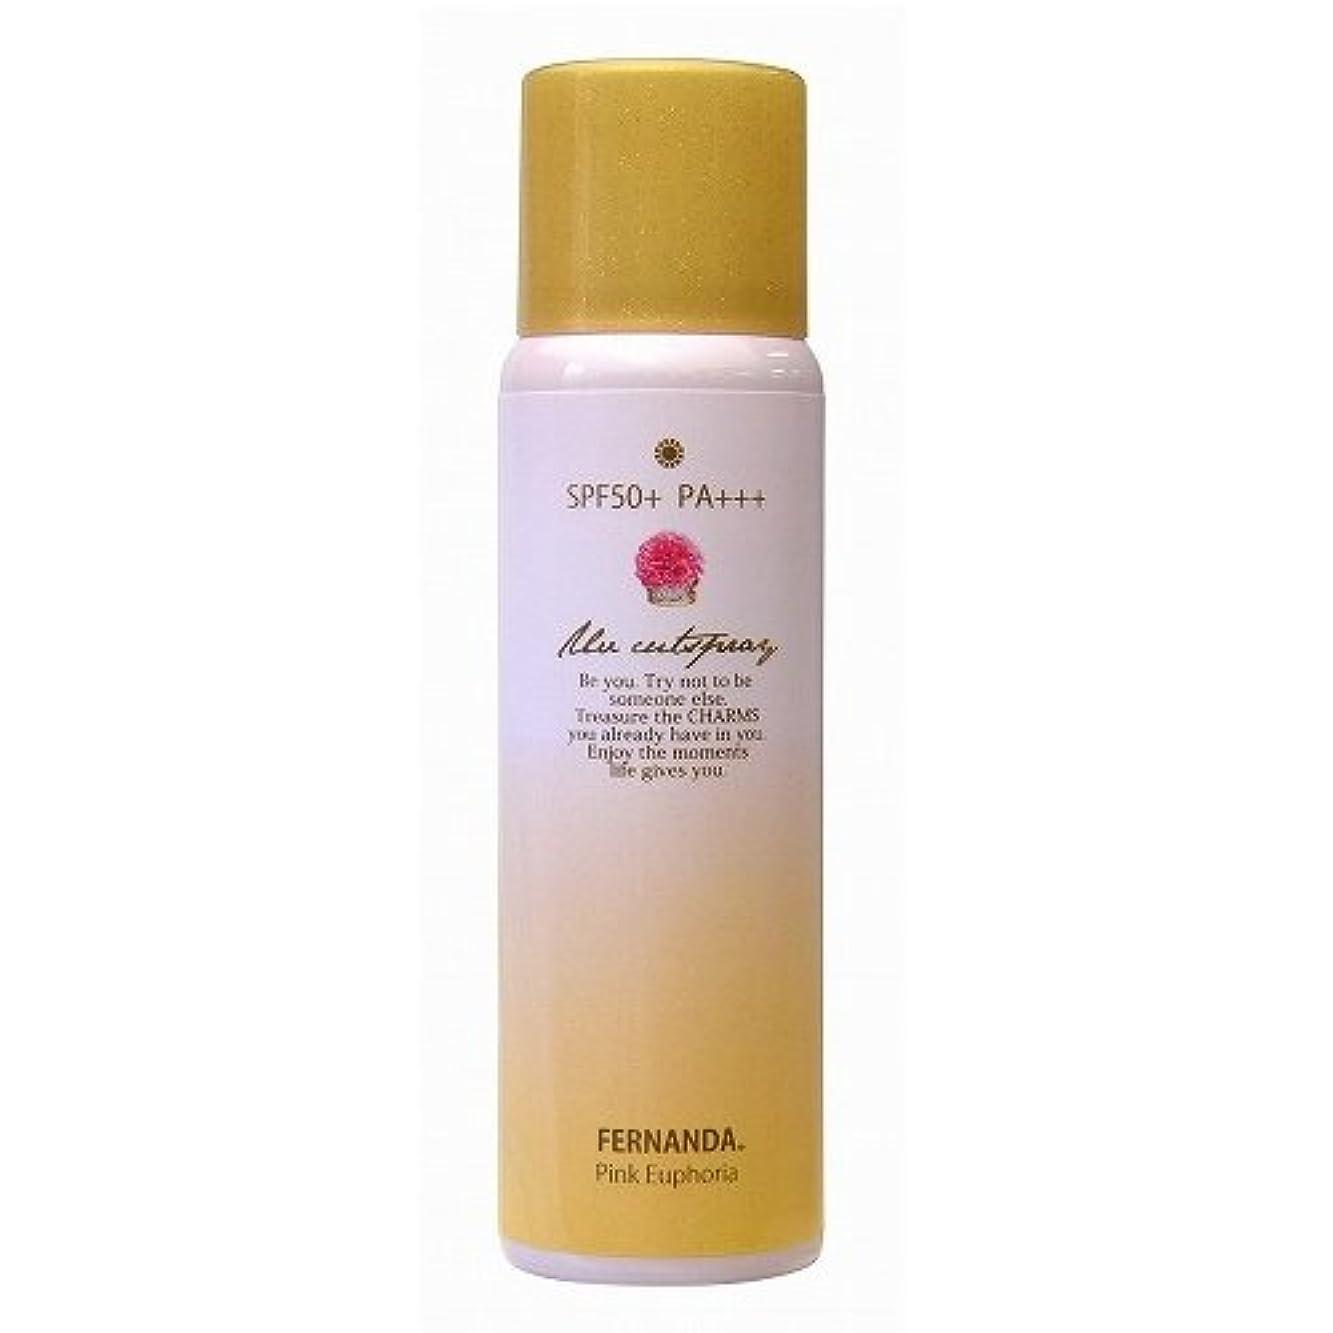 周辺征服するセラフFERNANDA(フェルナンダ) UV CUT Spray Pink Euphoria〈SPF50+ PA+++〉 (UVカット スプレー ピンクエウフォリア)